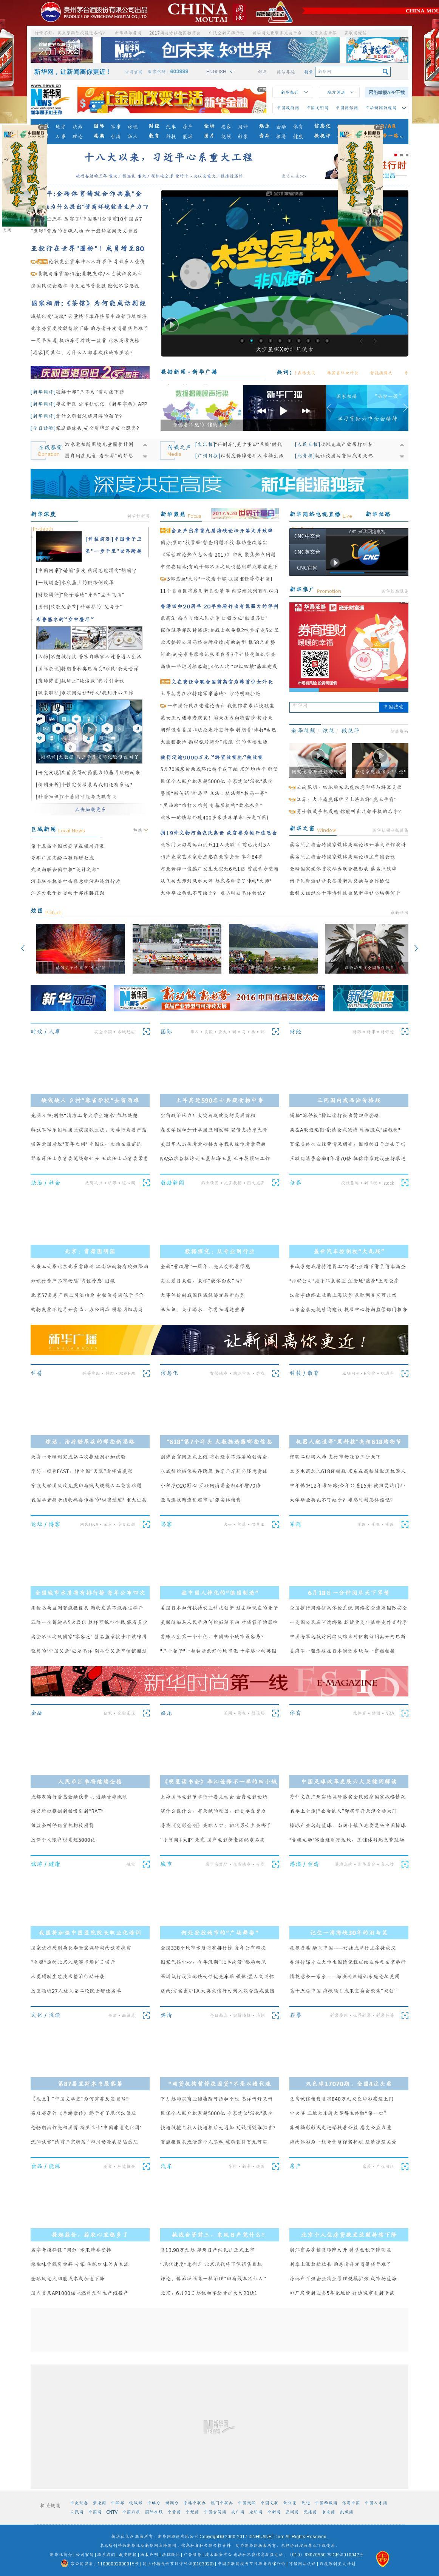 Xinhua at Monday June 19, 2017, 6:26 a.m. UTC